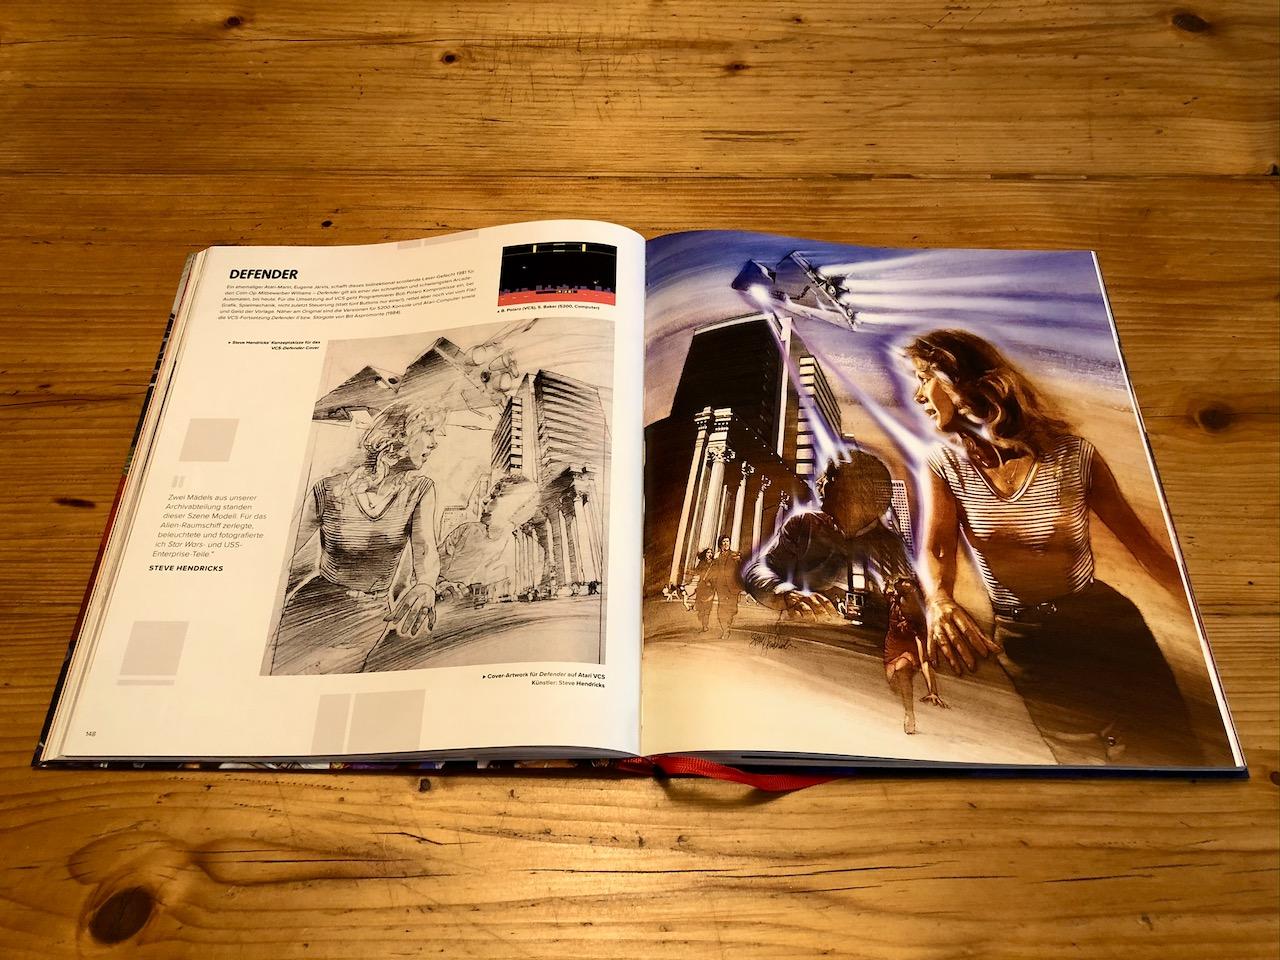 Die Heimumsetzung des knallharten Defender war sehr erfolgreich. Die Illustrationen zum Spiel gehören zu den kraftvollsten der Atari-Ära überhaupt. (Bild: André Eymann)